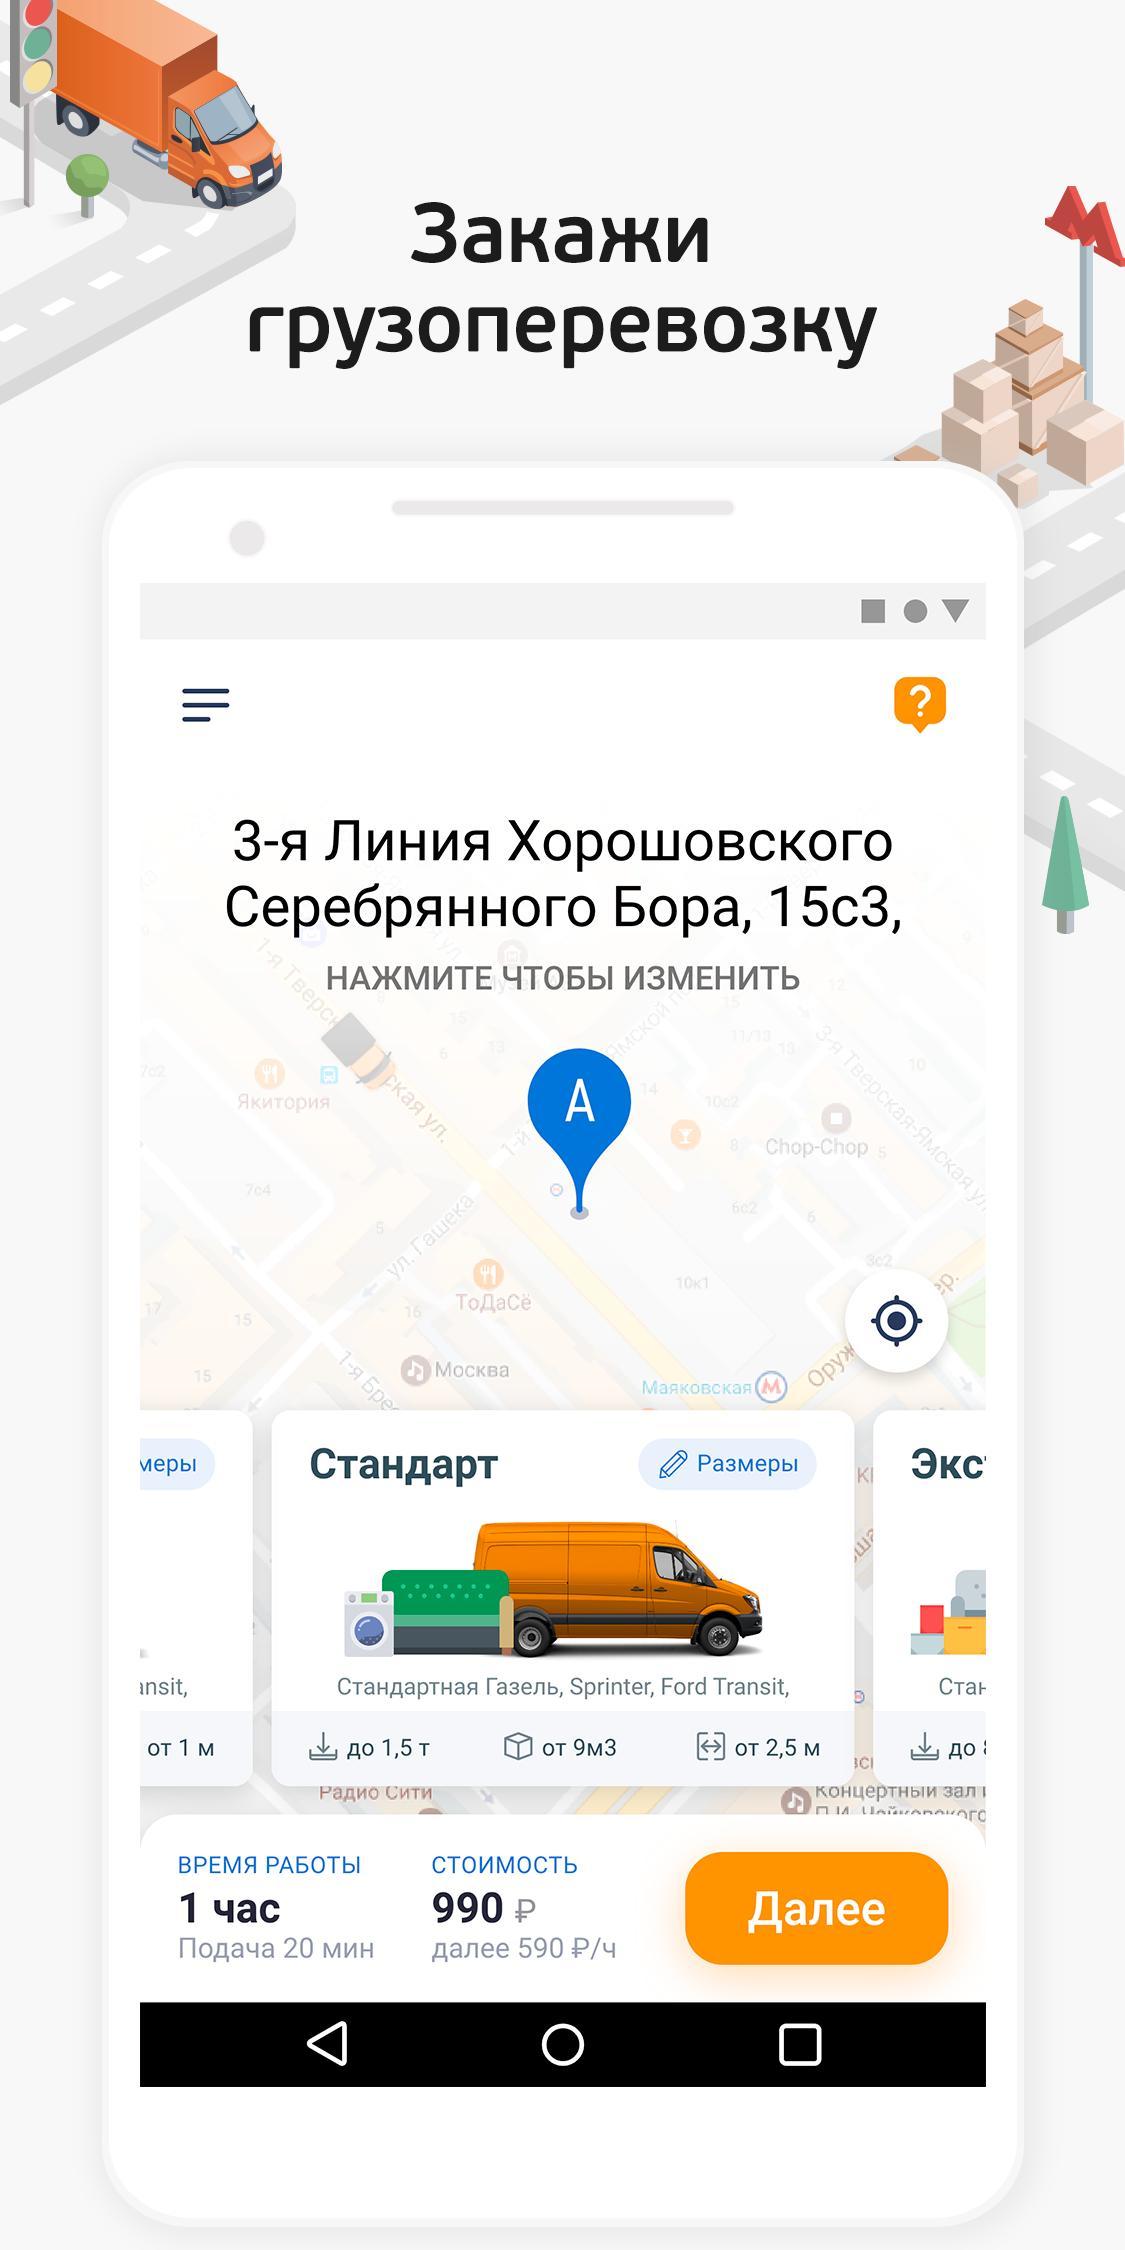 Такси грузового стоимость часа часов бу ломбард